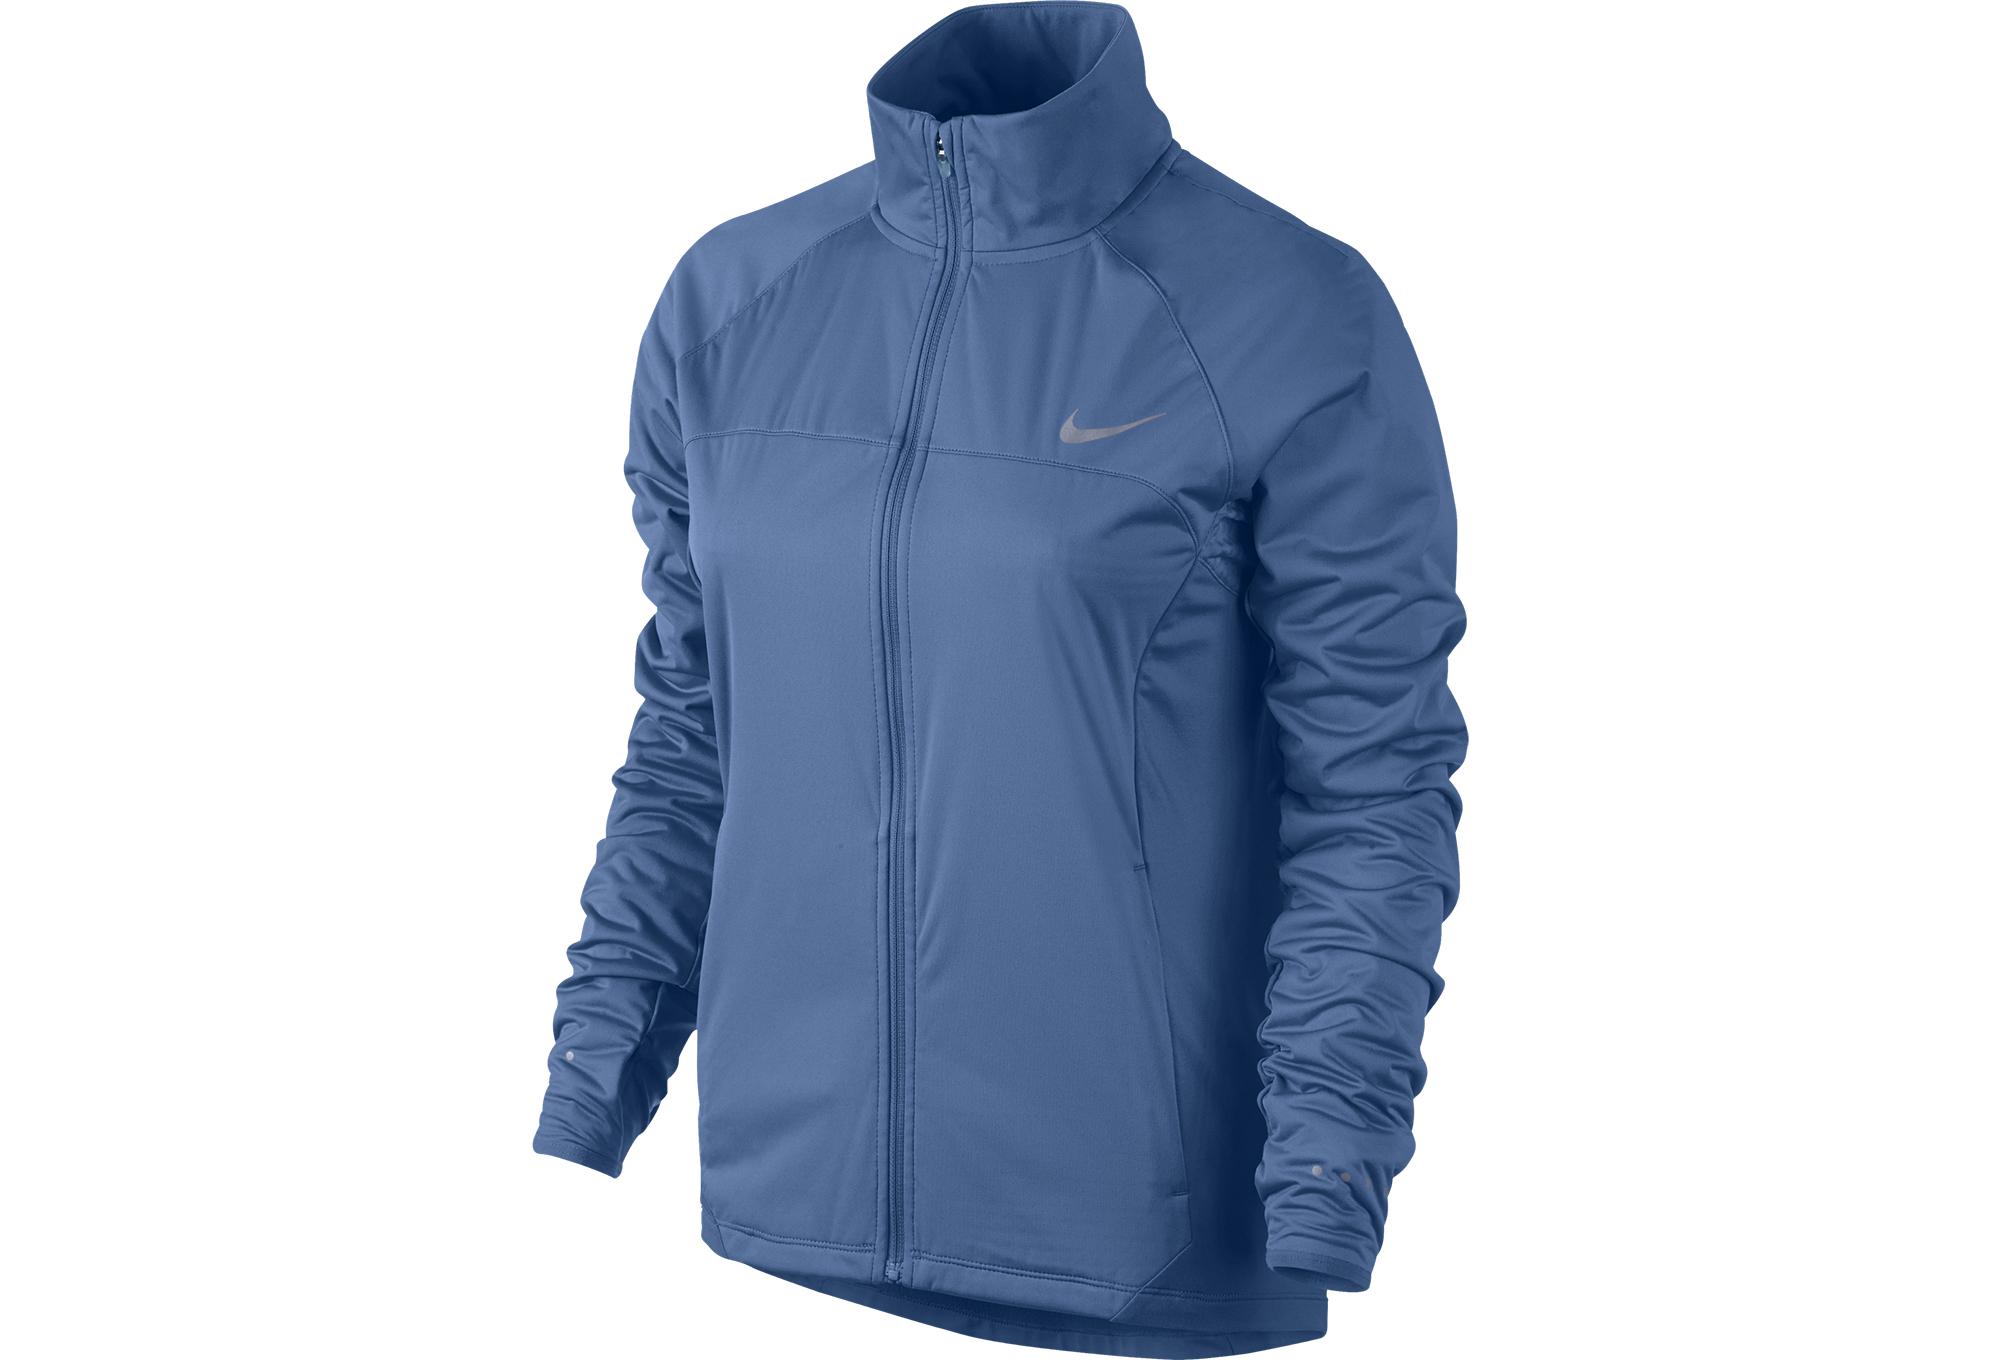 NIKE SHIELD 2.0 Women Jacket Blue  25f4949b5